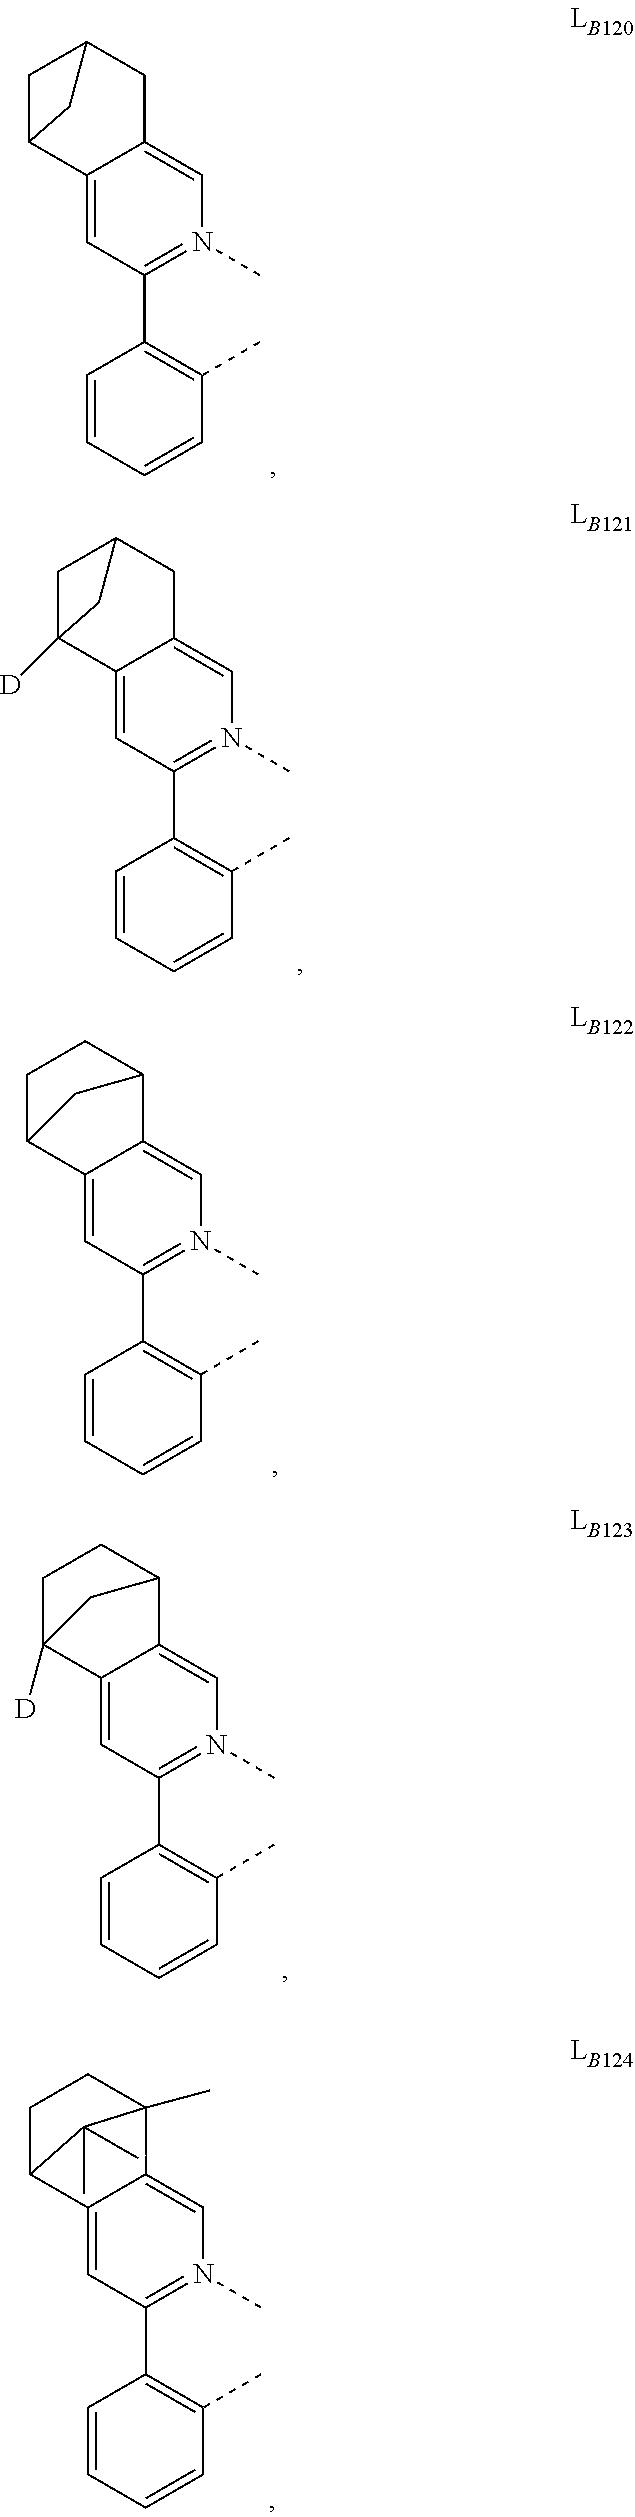 Figure US20160049599A1-20160218-C00521